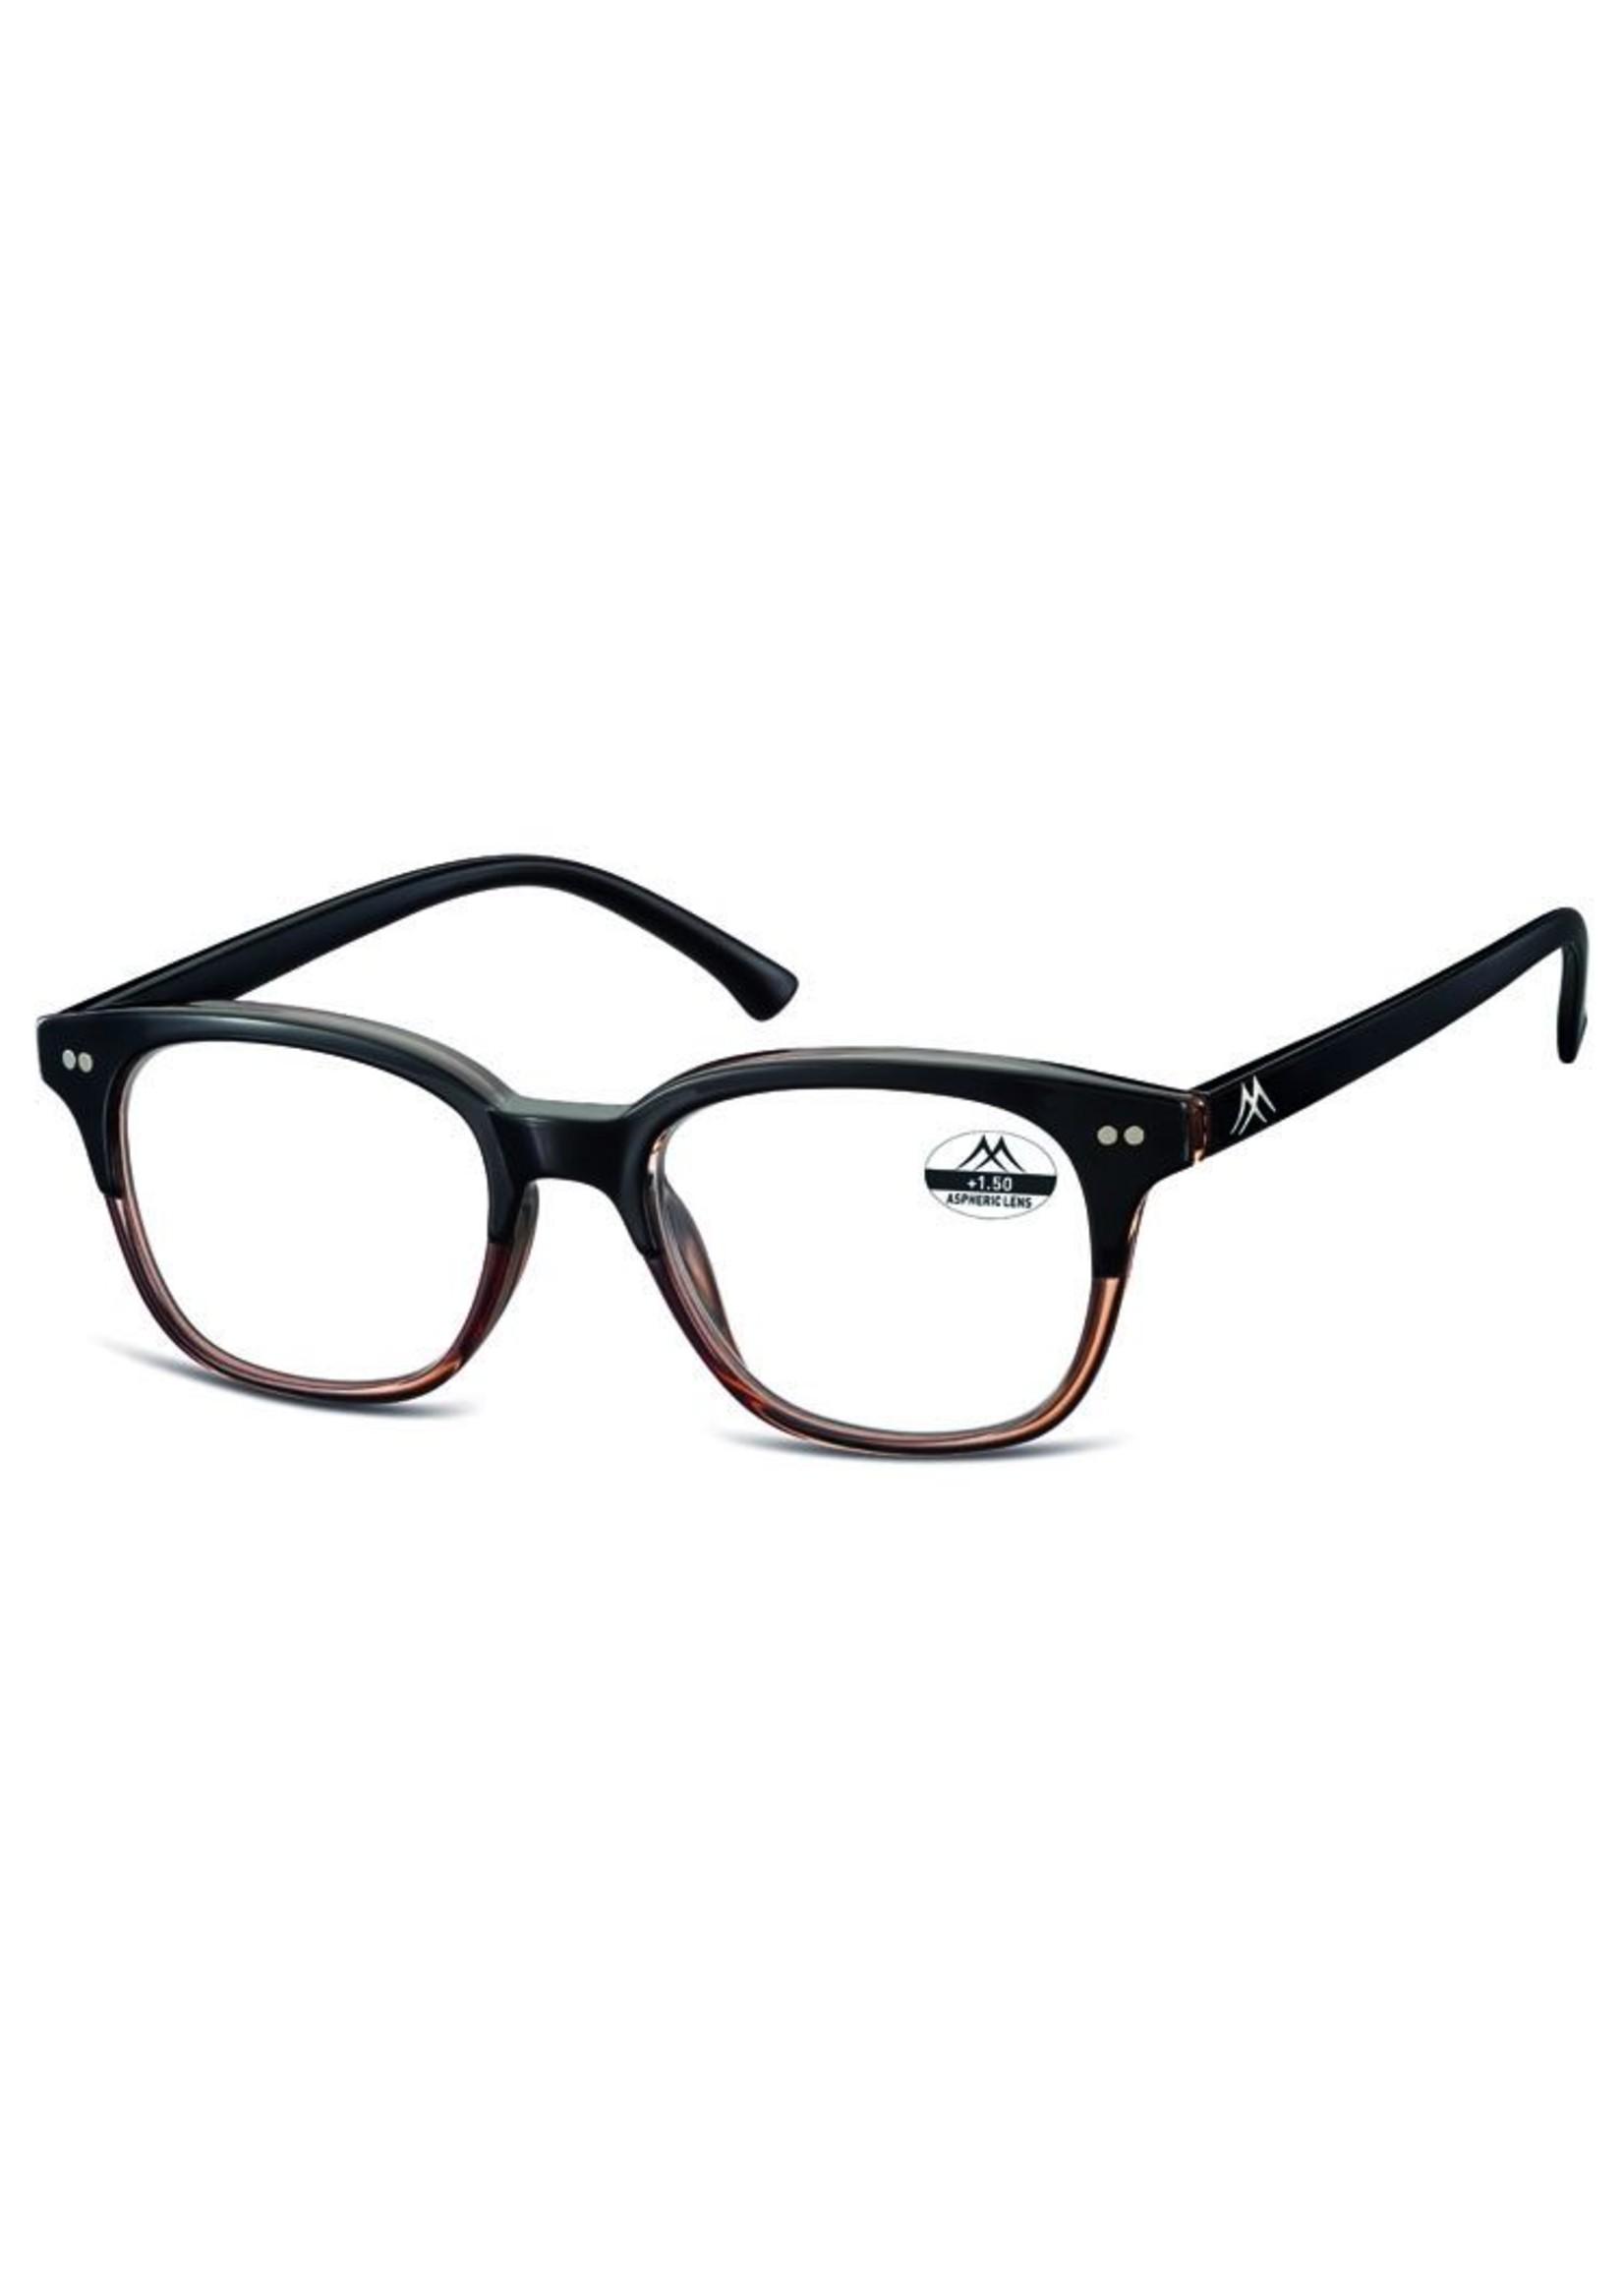 Vintage leesbril in zwart met bruin